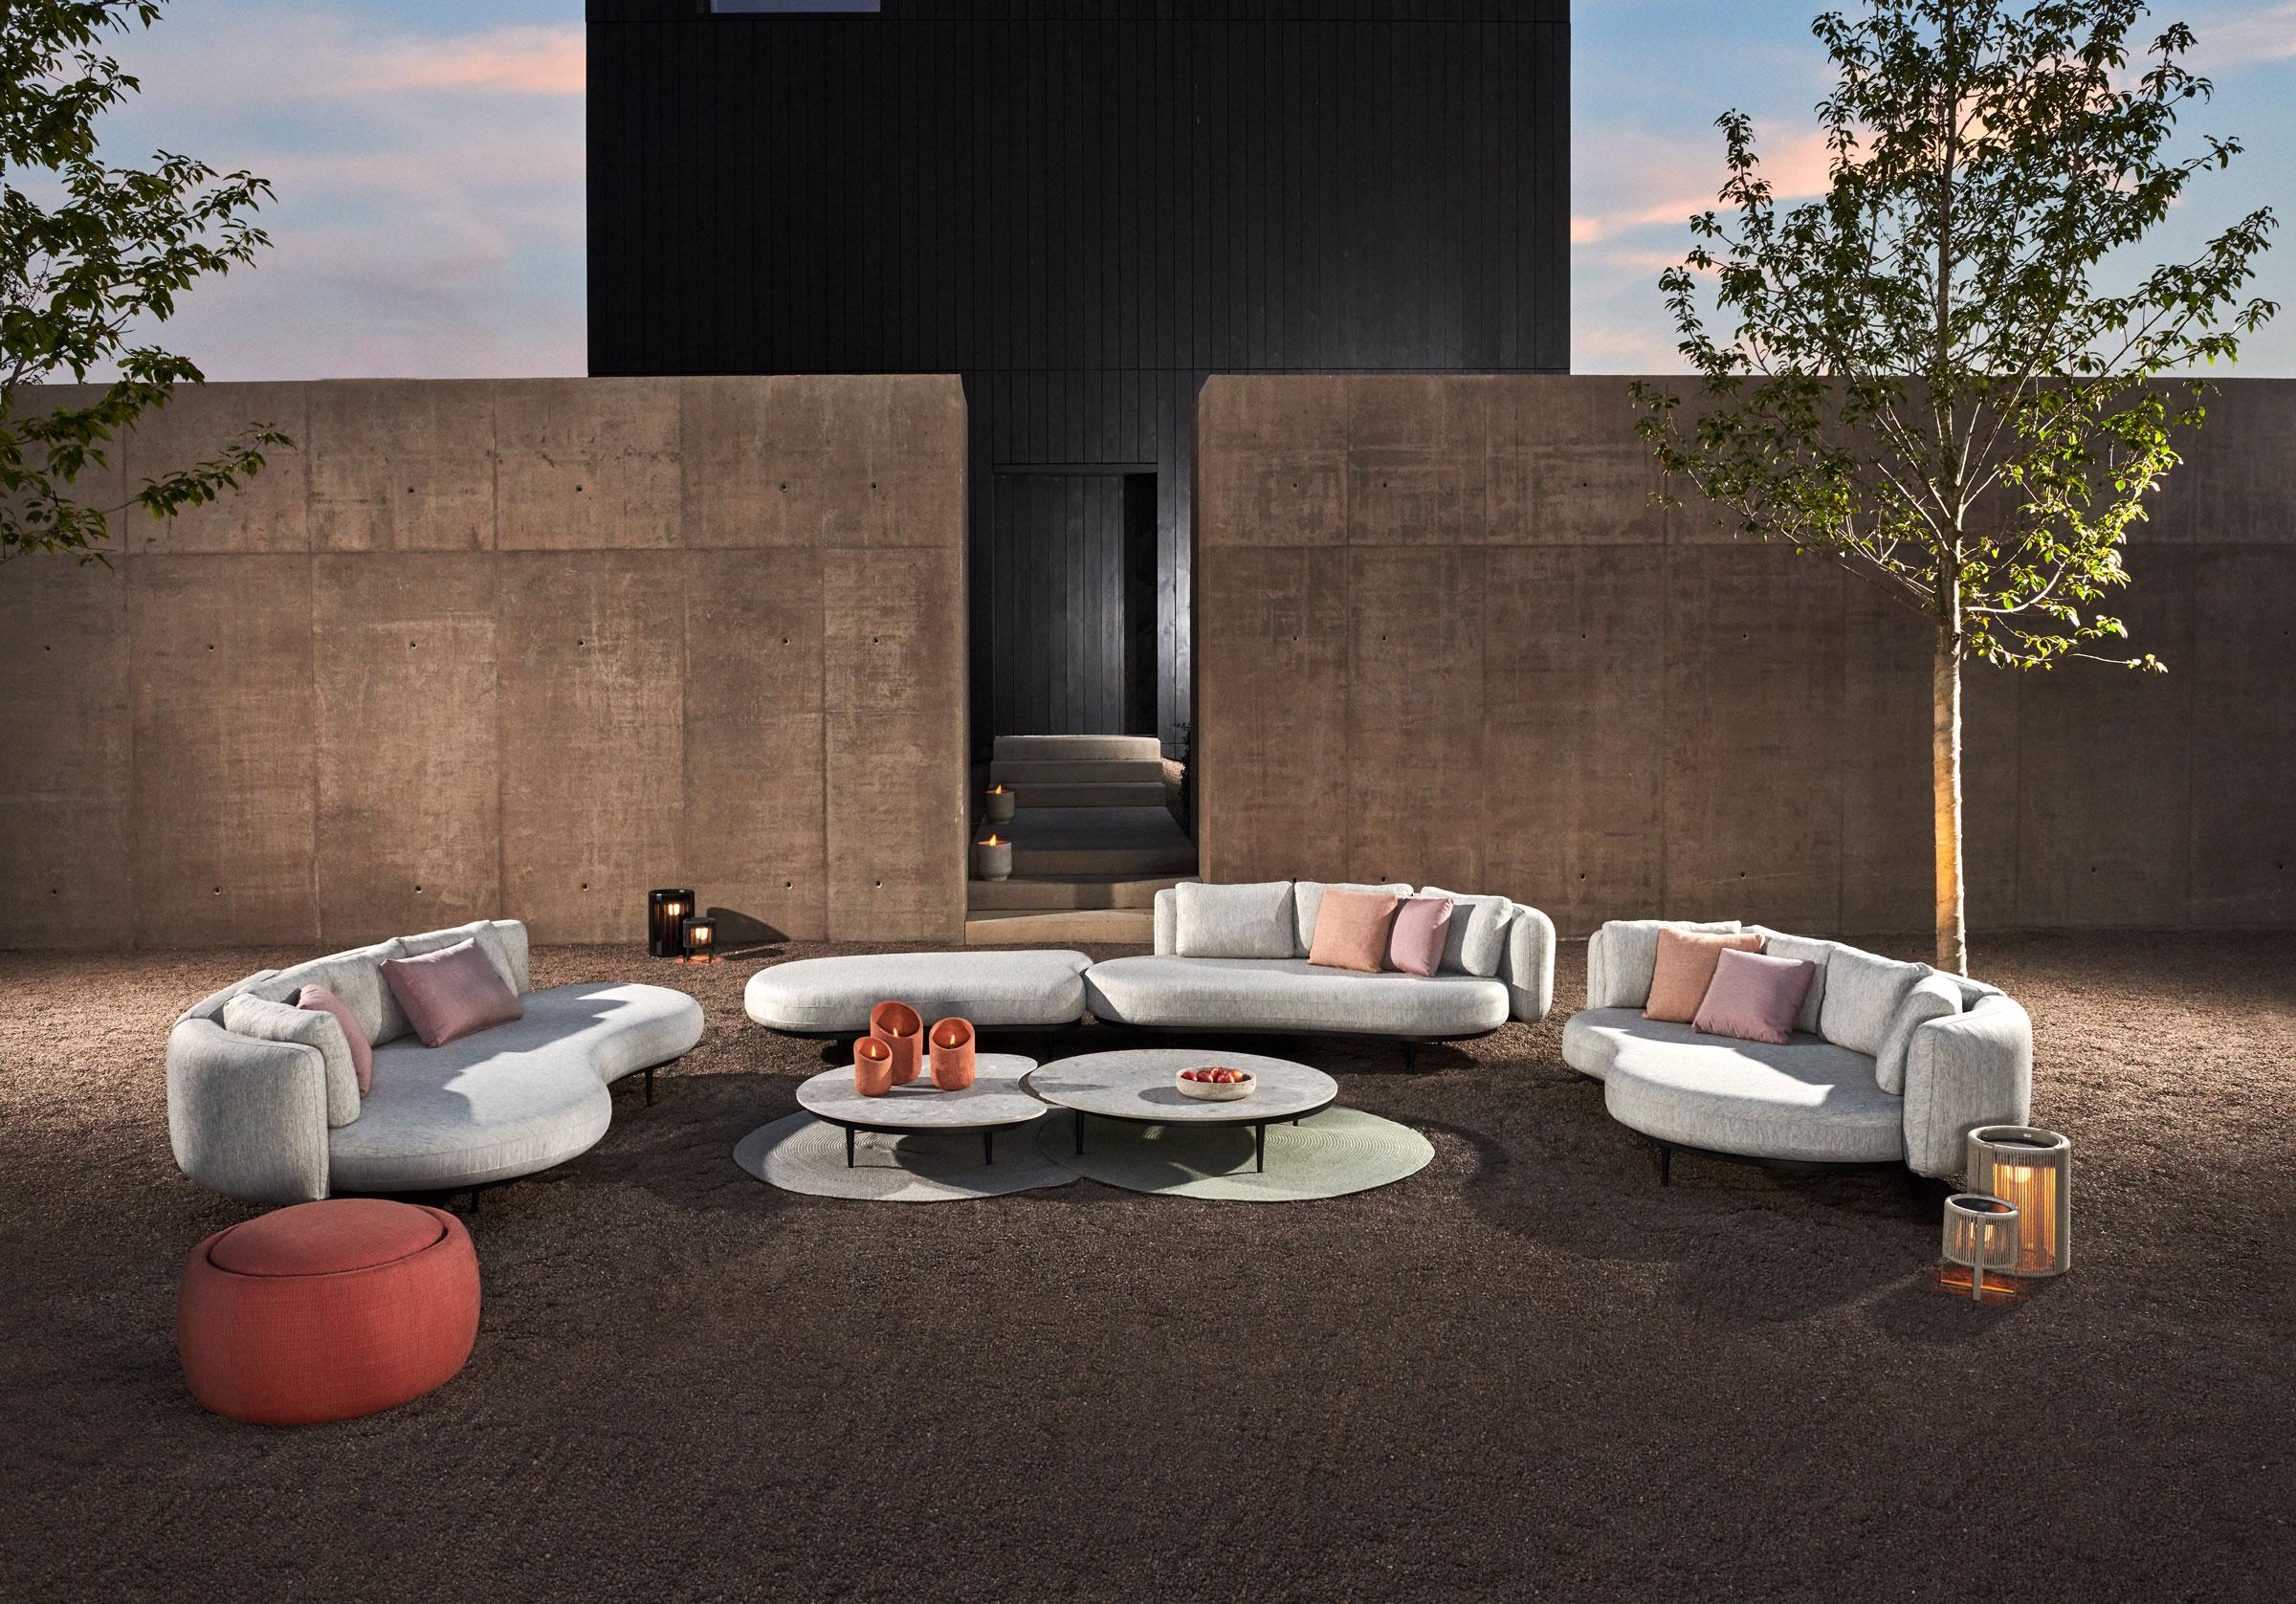 hauser-design-royal-botania-lounge-organix-in-grau-bei-nacht